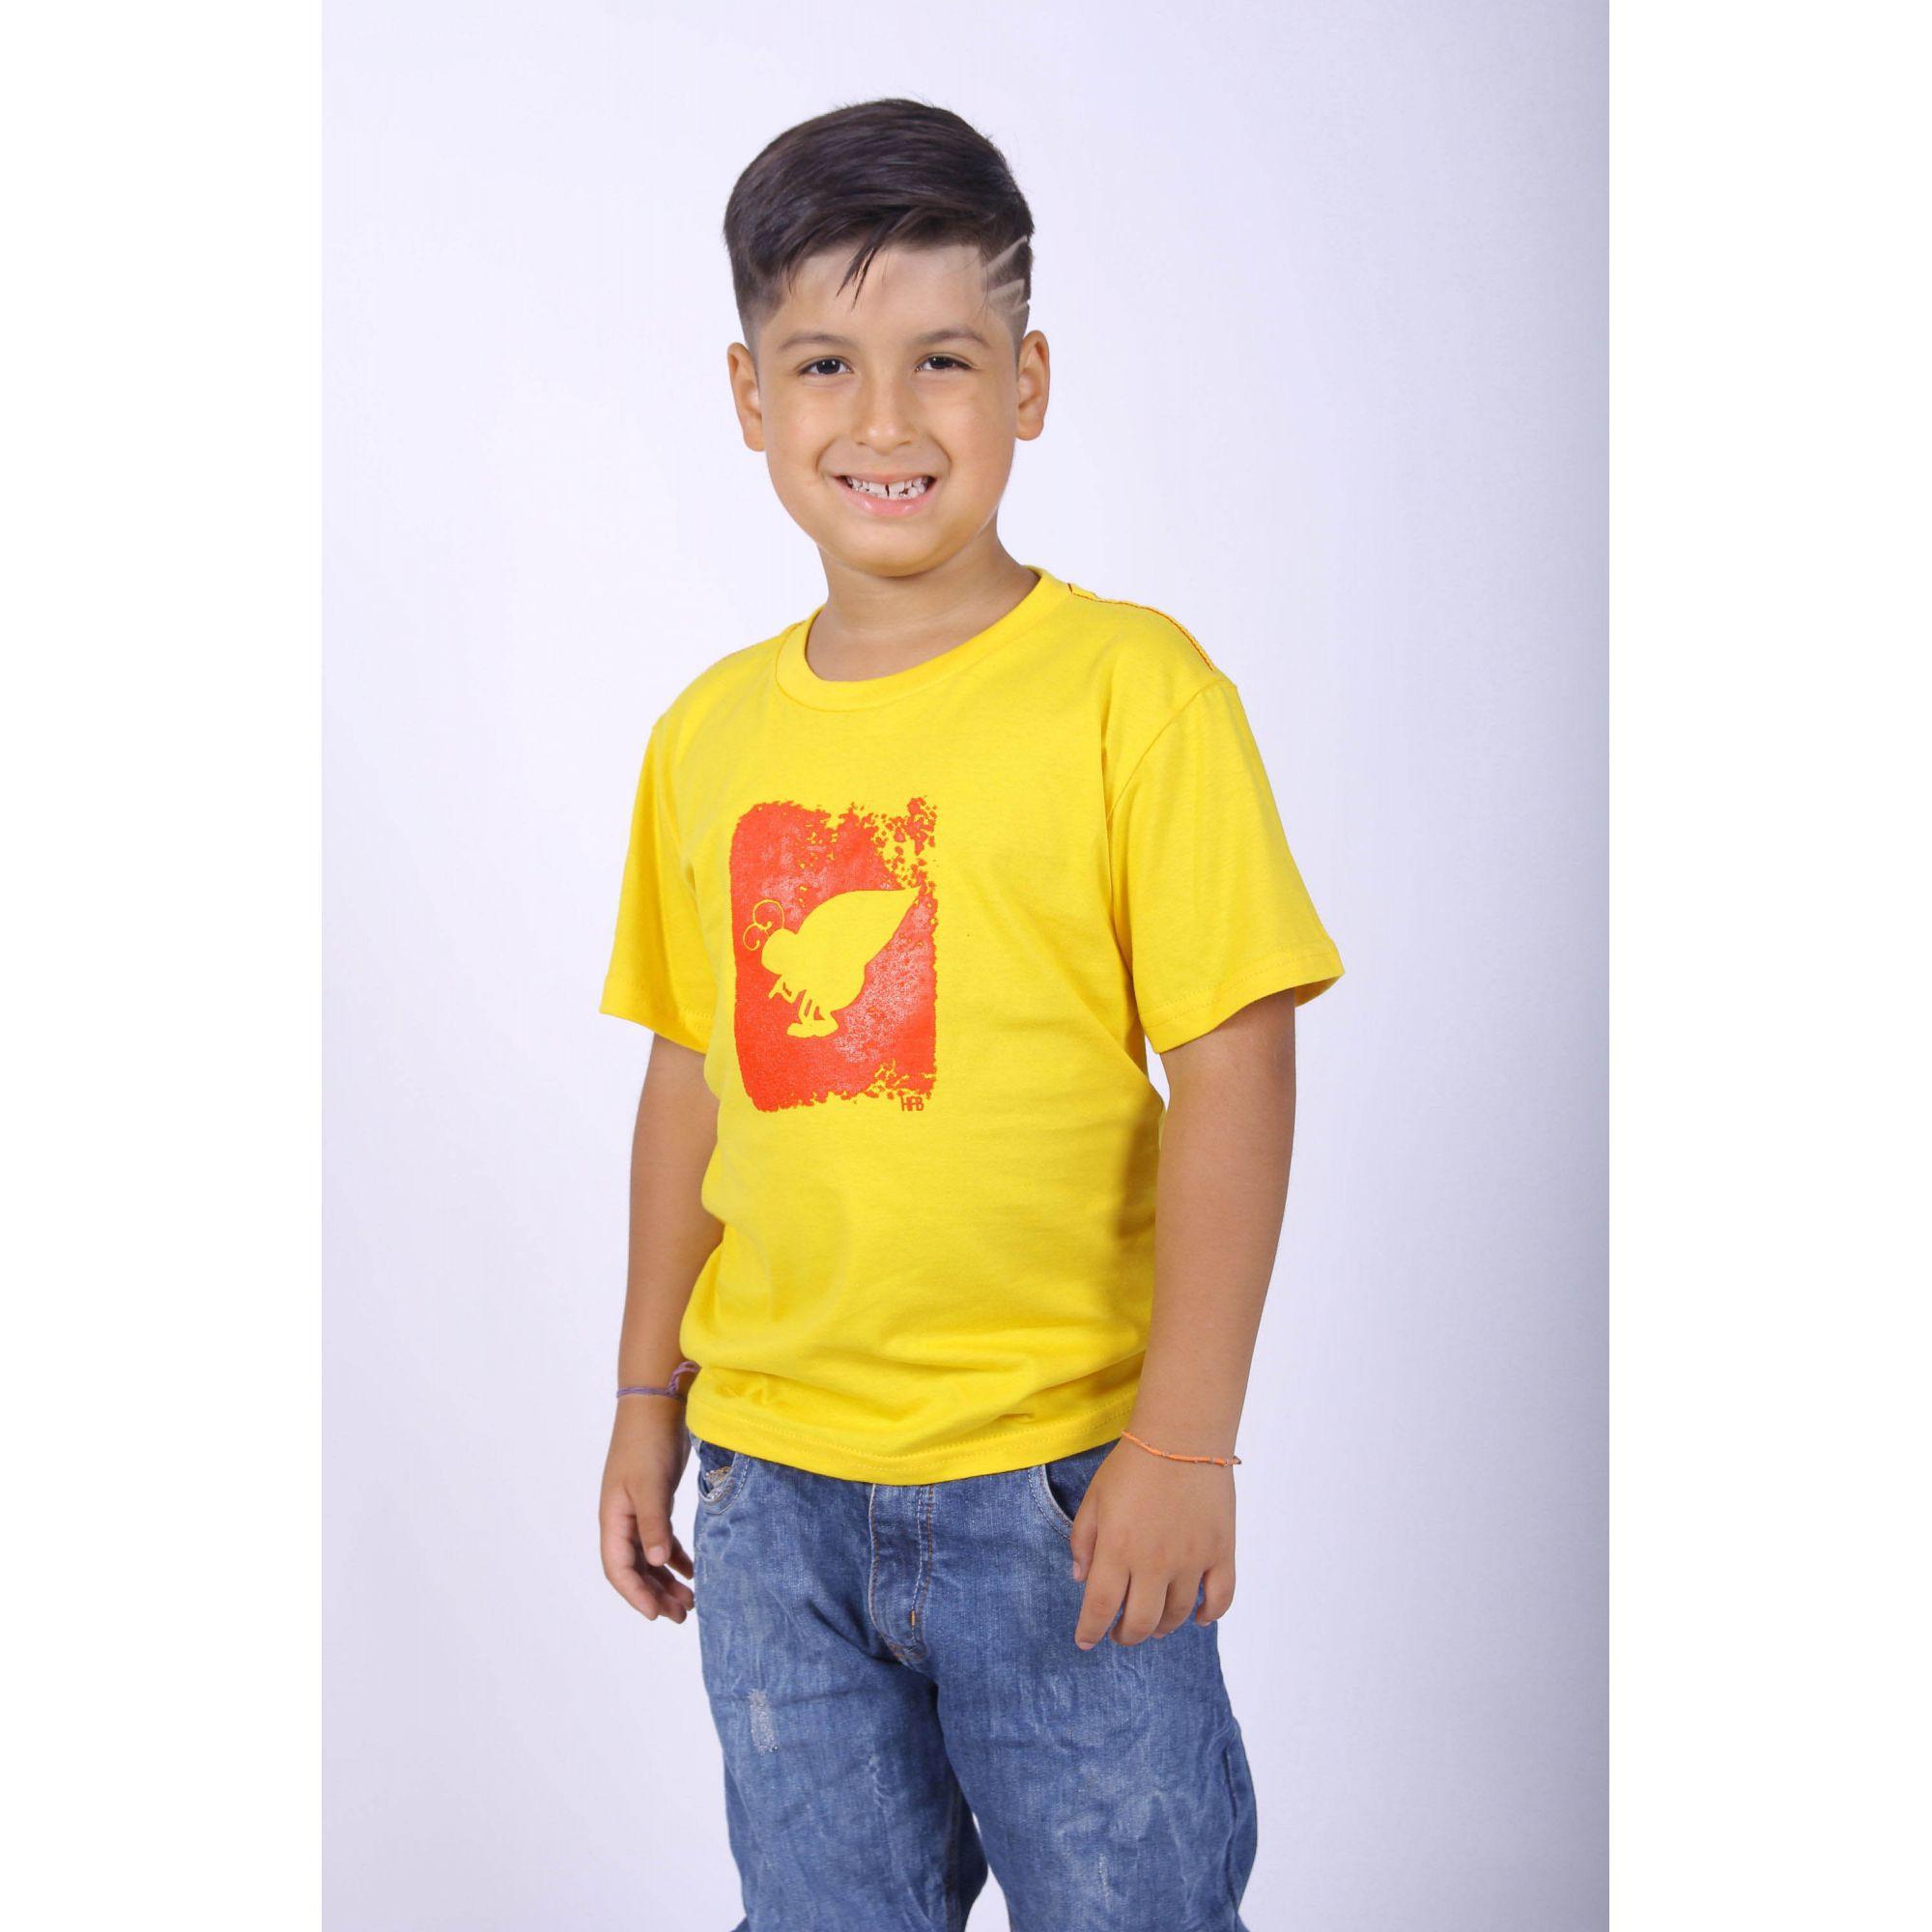 PAI E FILHO > Kit 2 peças Camisetas Amarela Formiga HFB [Coleção Tal Pai Tal Filho]  - Heitor Fashion Brazil